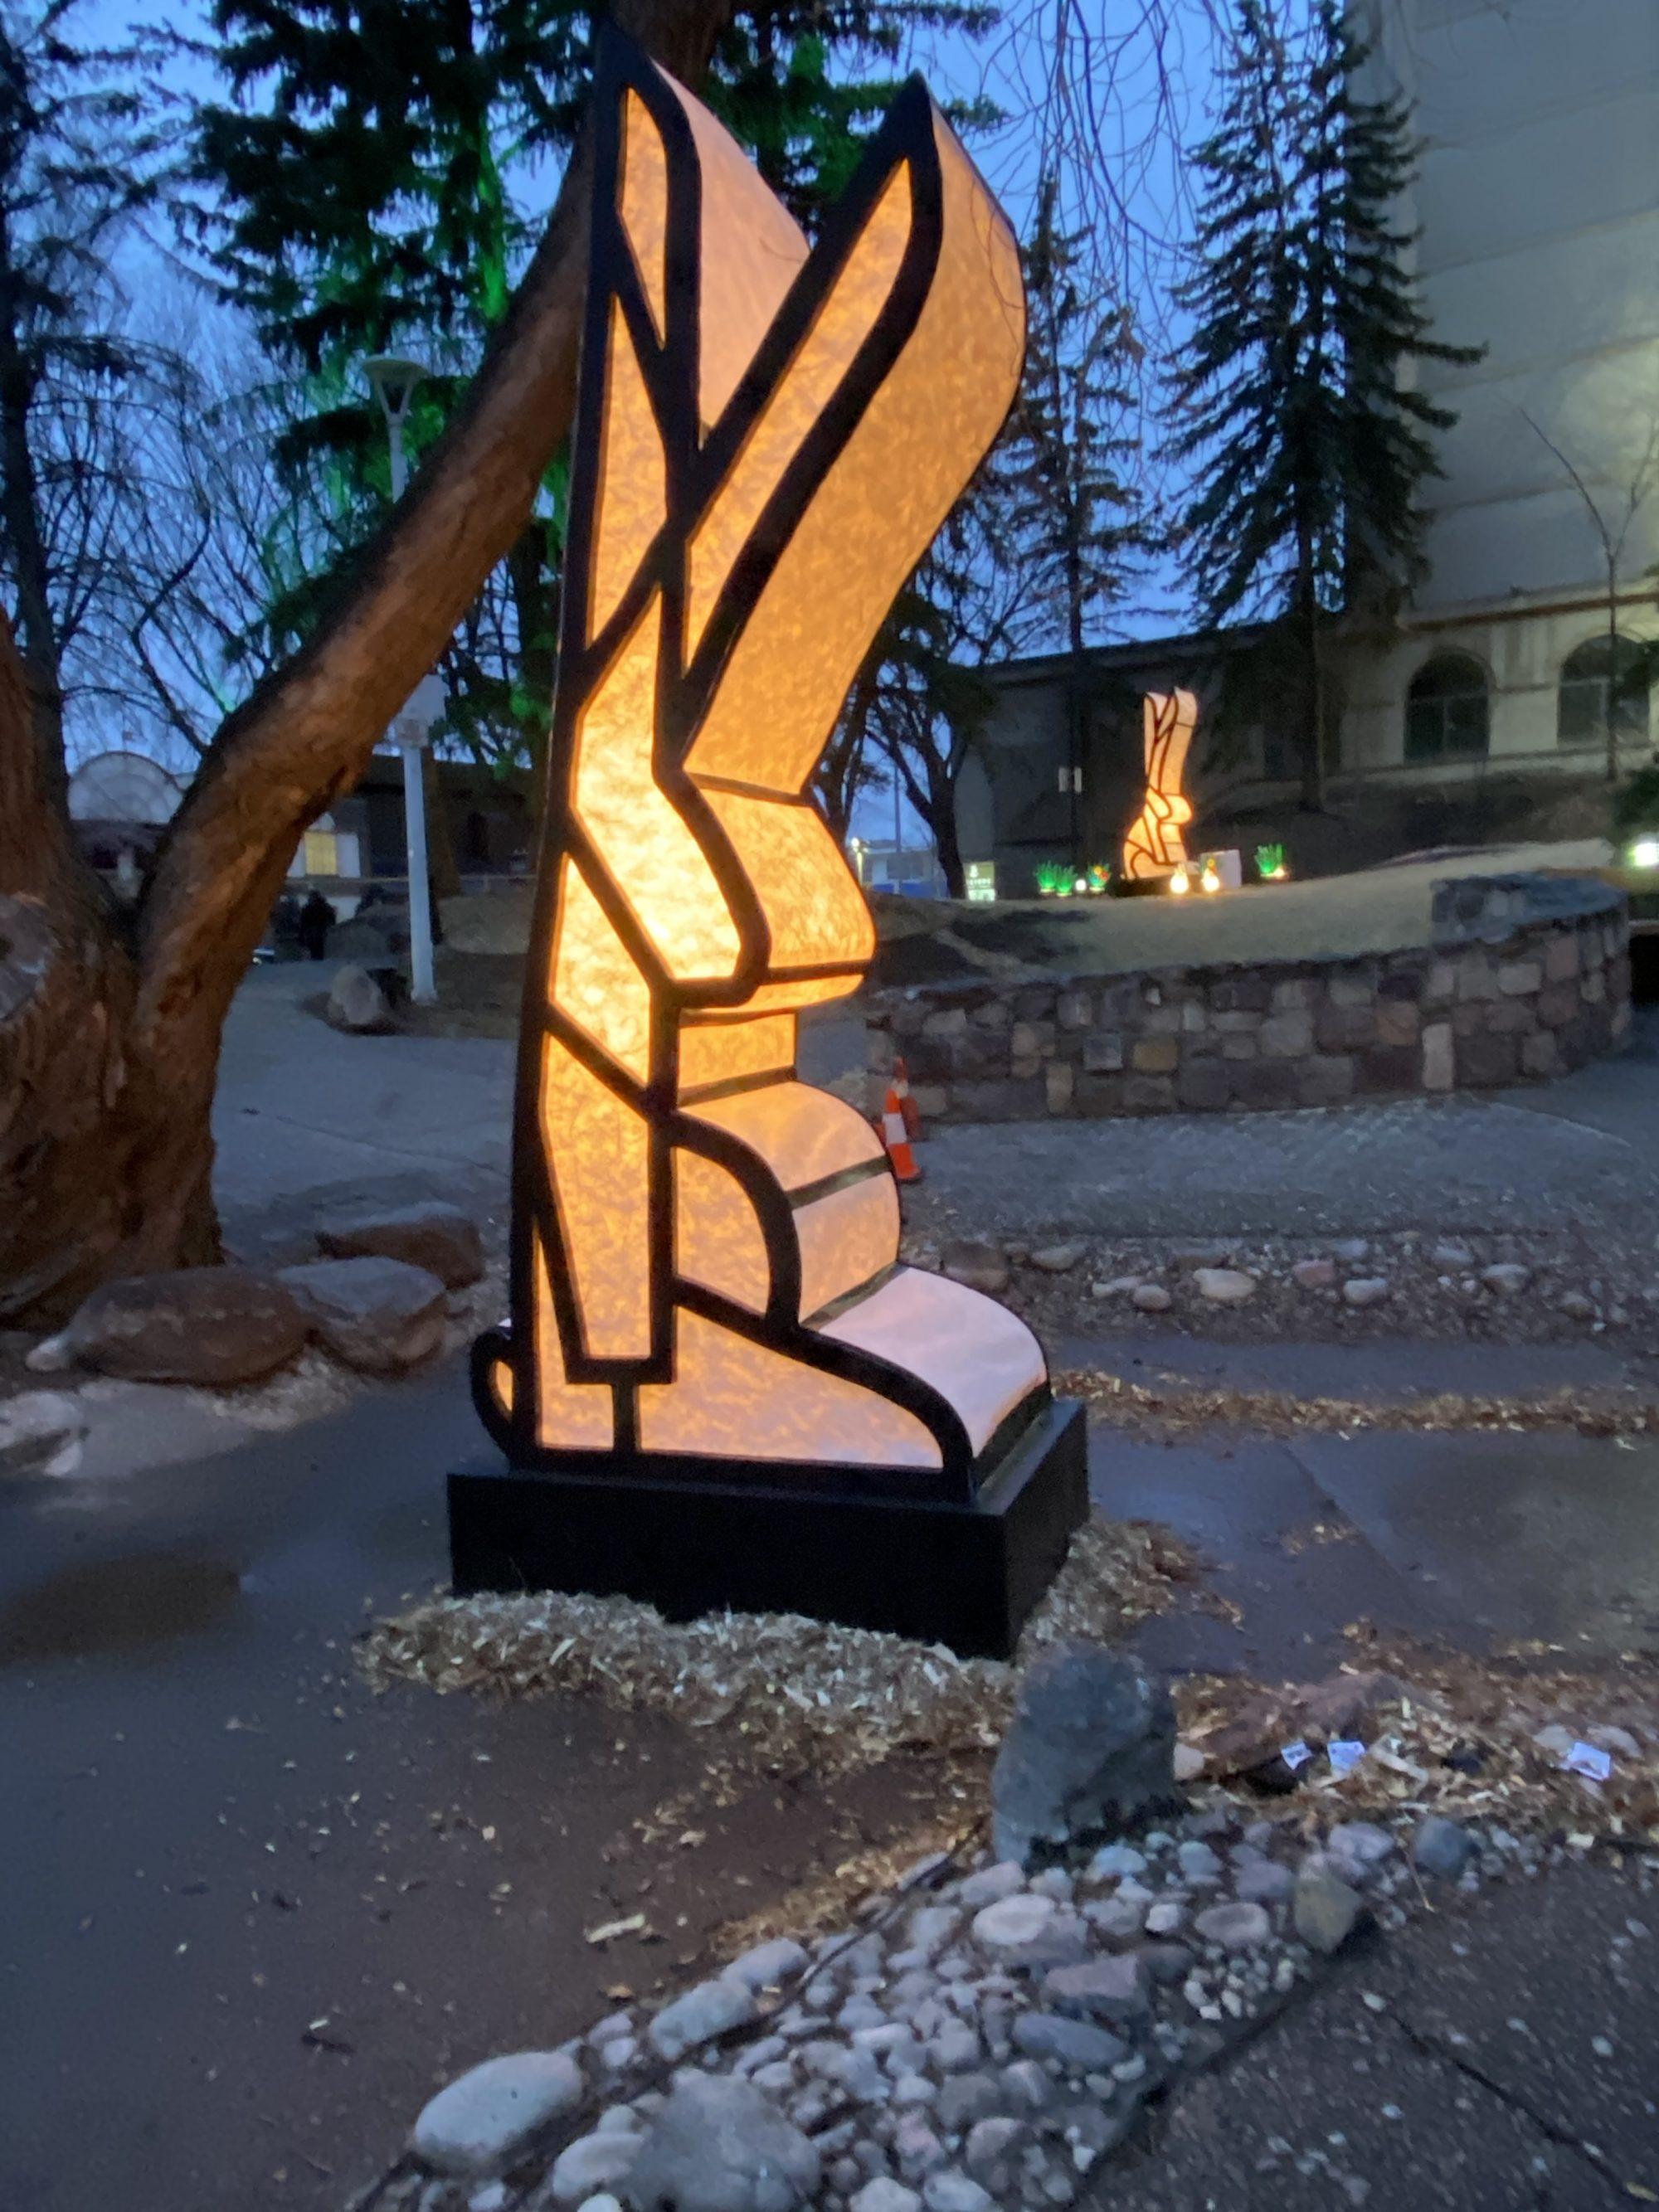 A chubby rabbit sculpture